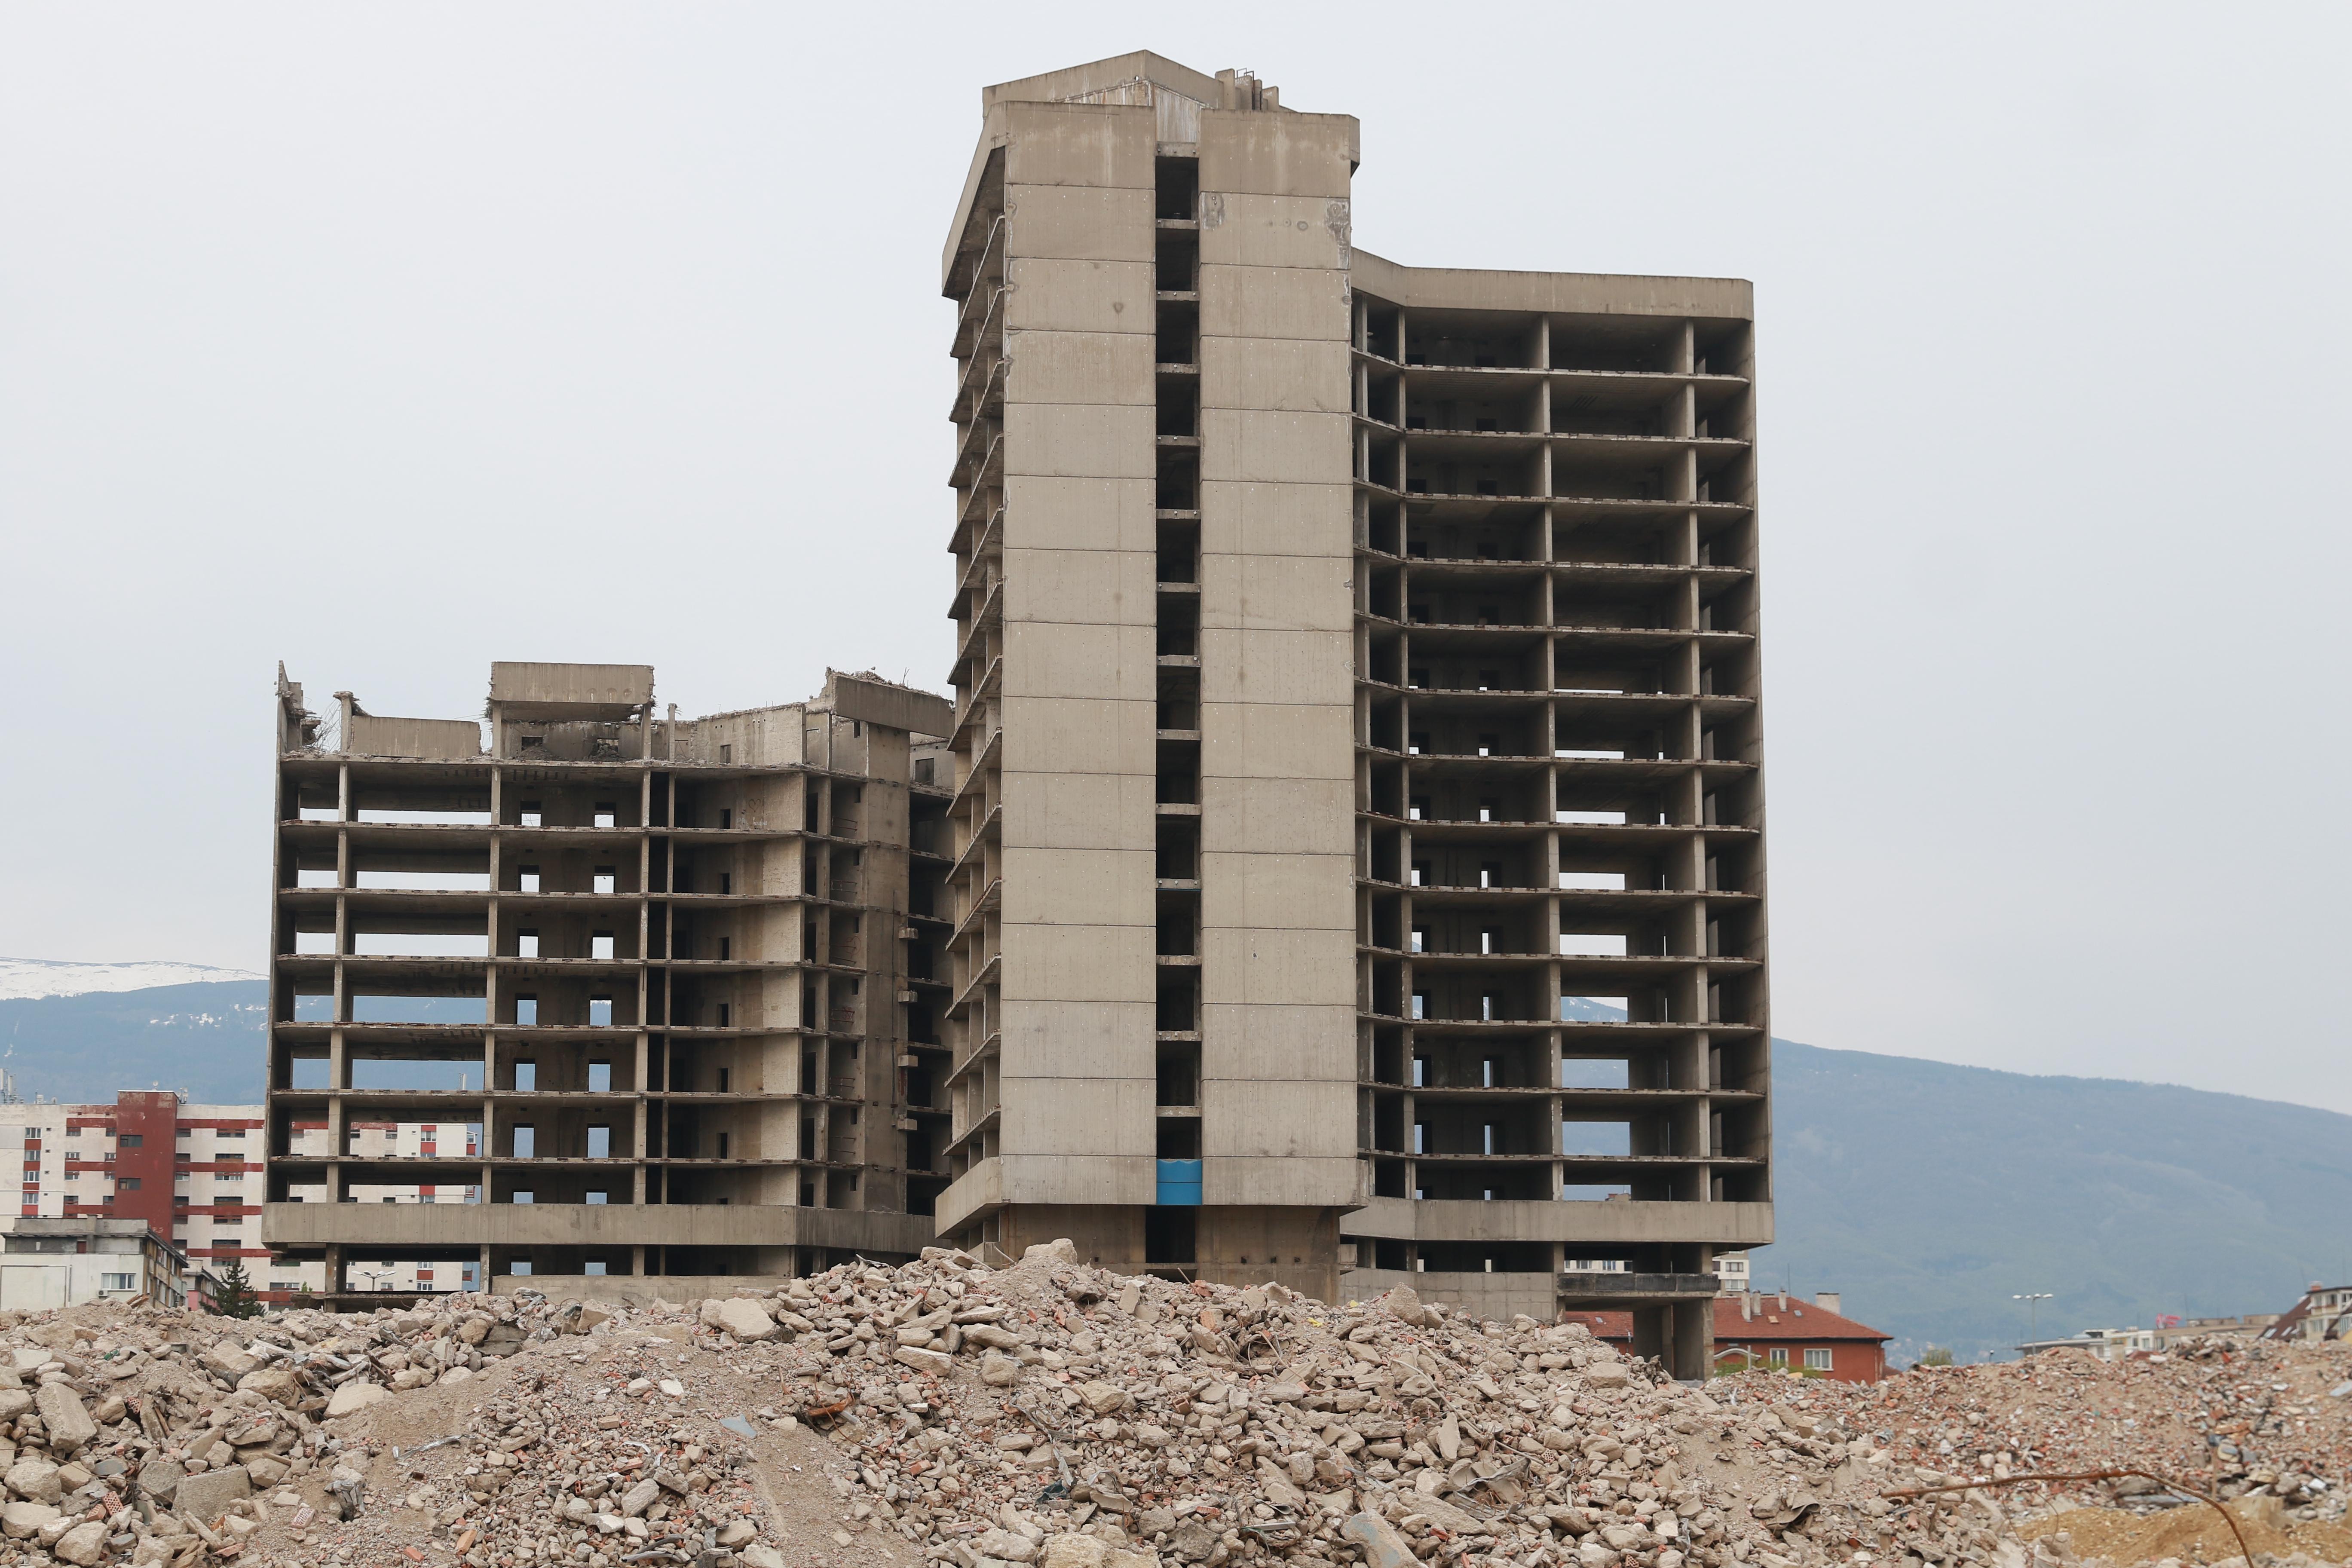 <p>Тази сутрин с контролиран взрив бе разрушена недостроената сграда на ИПК &bdquo;Родина&rdquo;. 17-етажната стоманобетонна конструкция беше съборена чрез взривяване с дистанционен механизъм.</p>